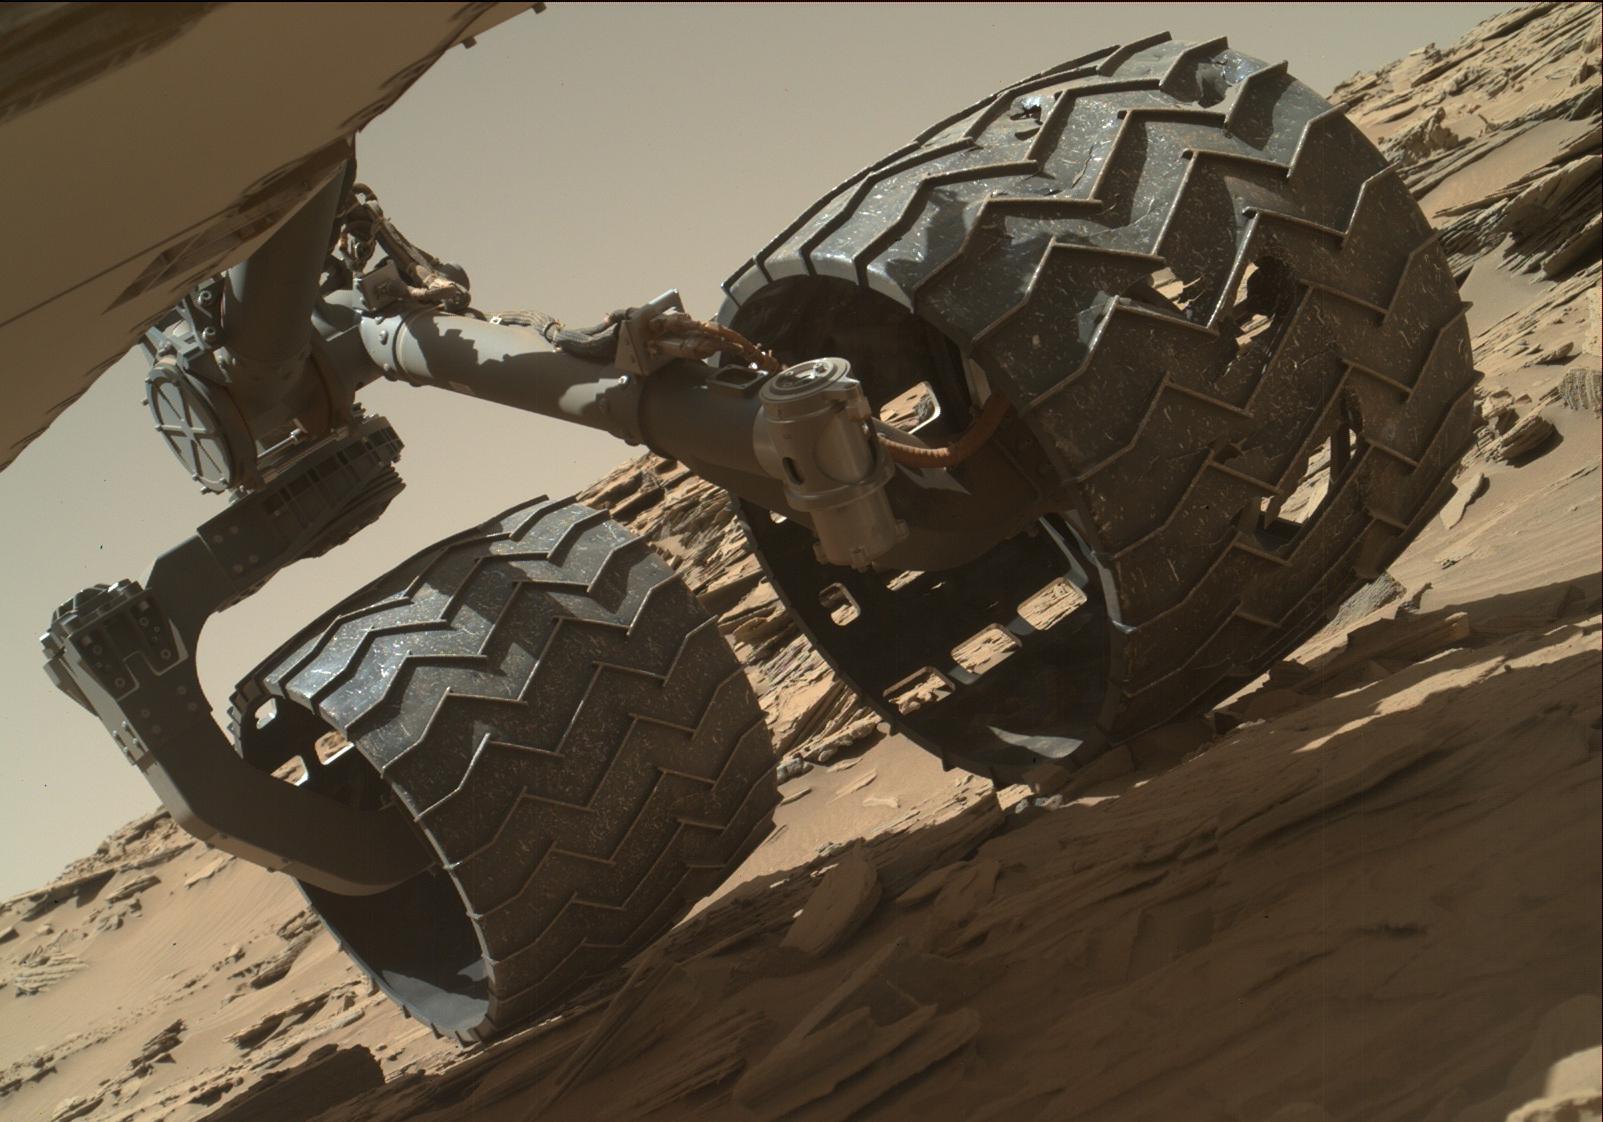 Mars Rover Wheel Check